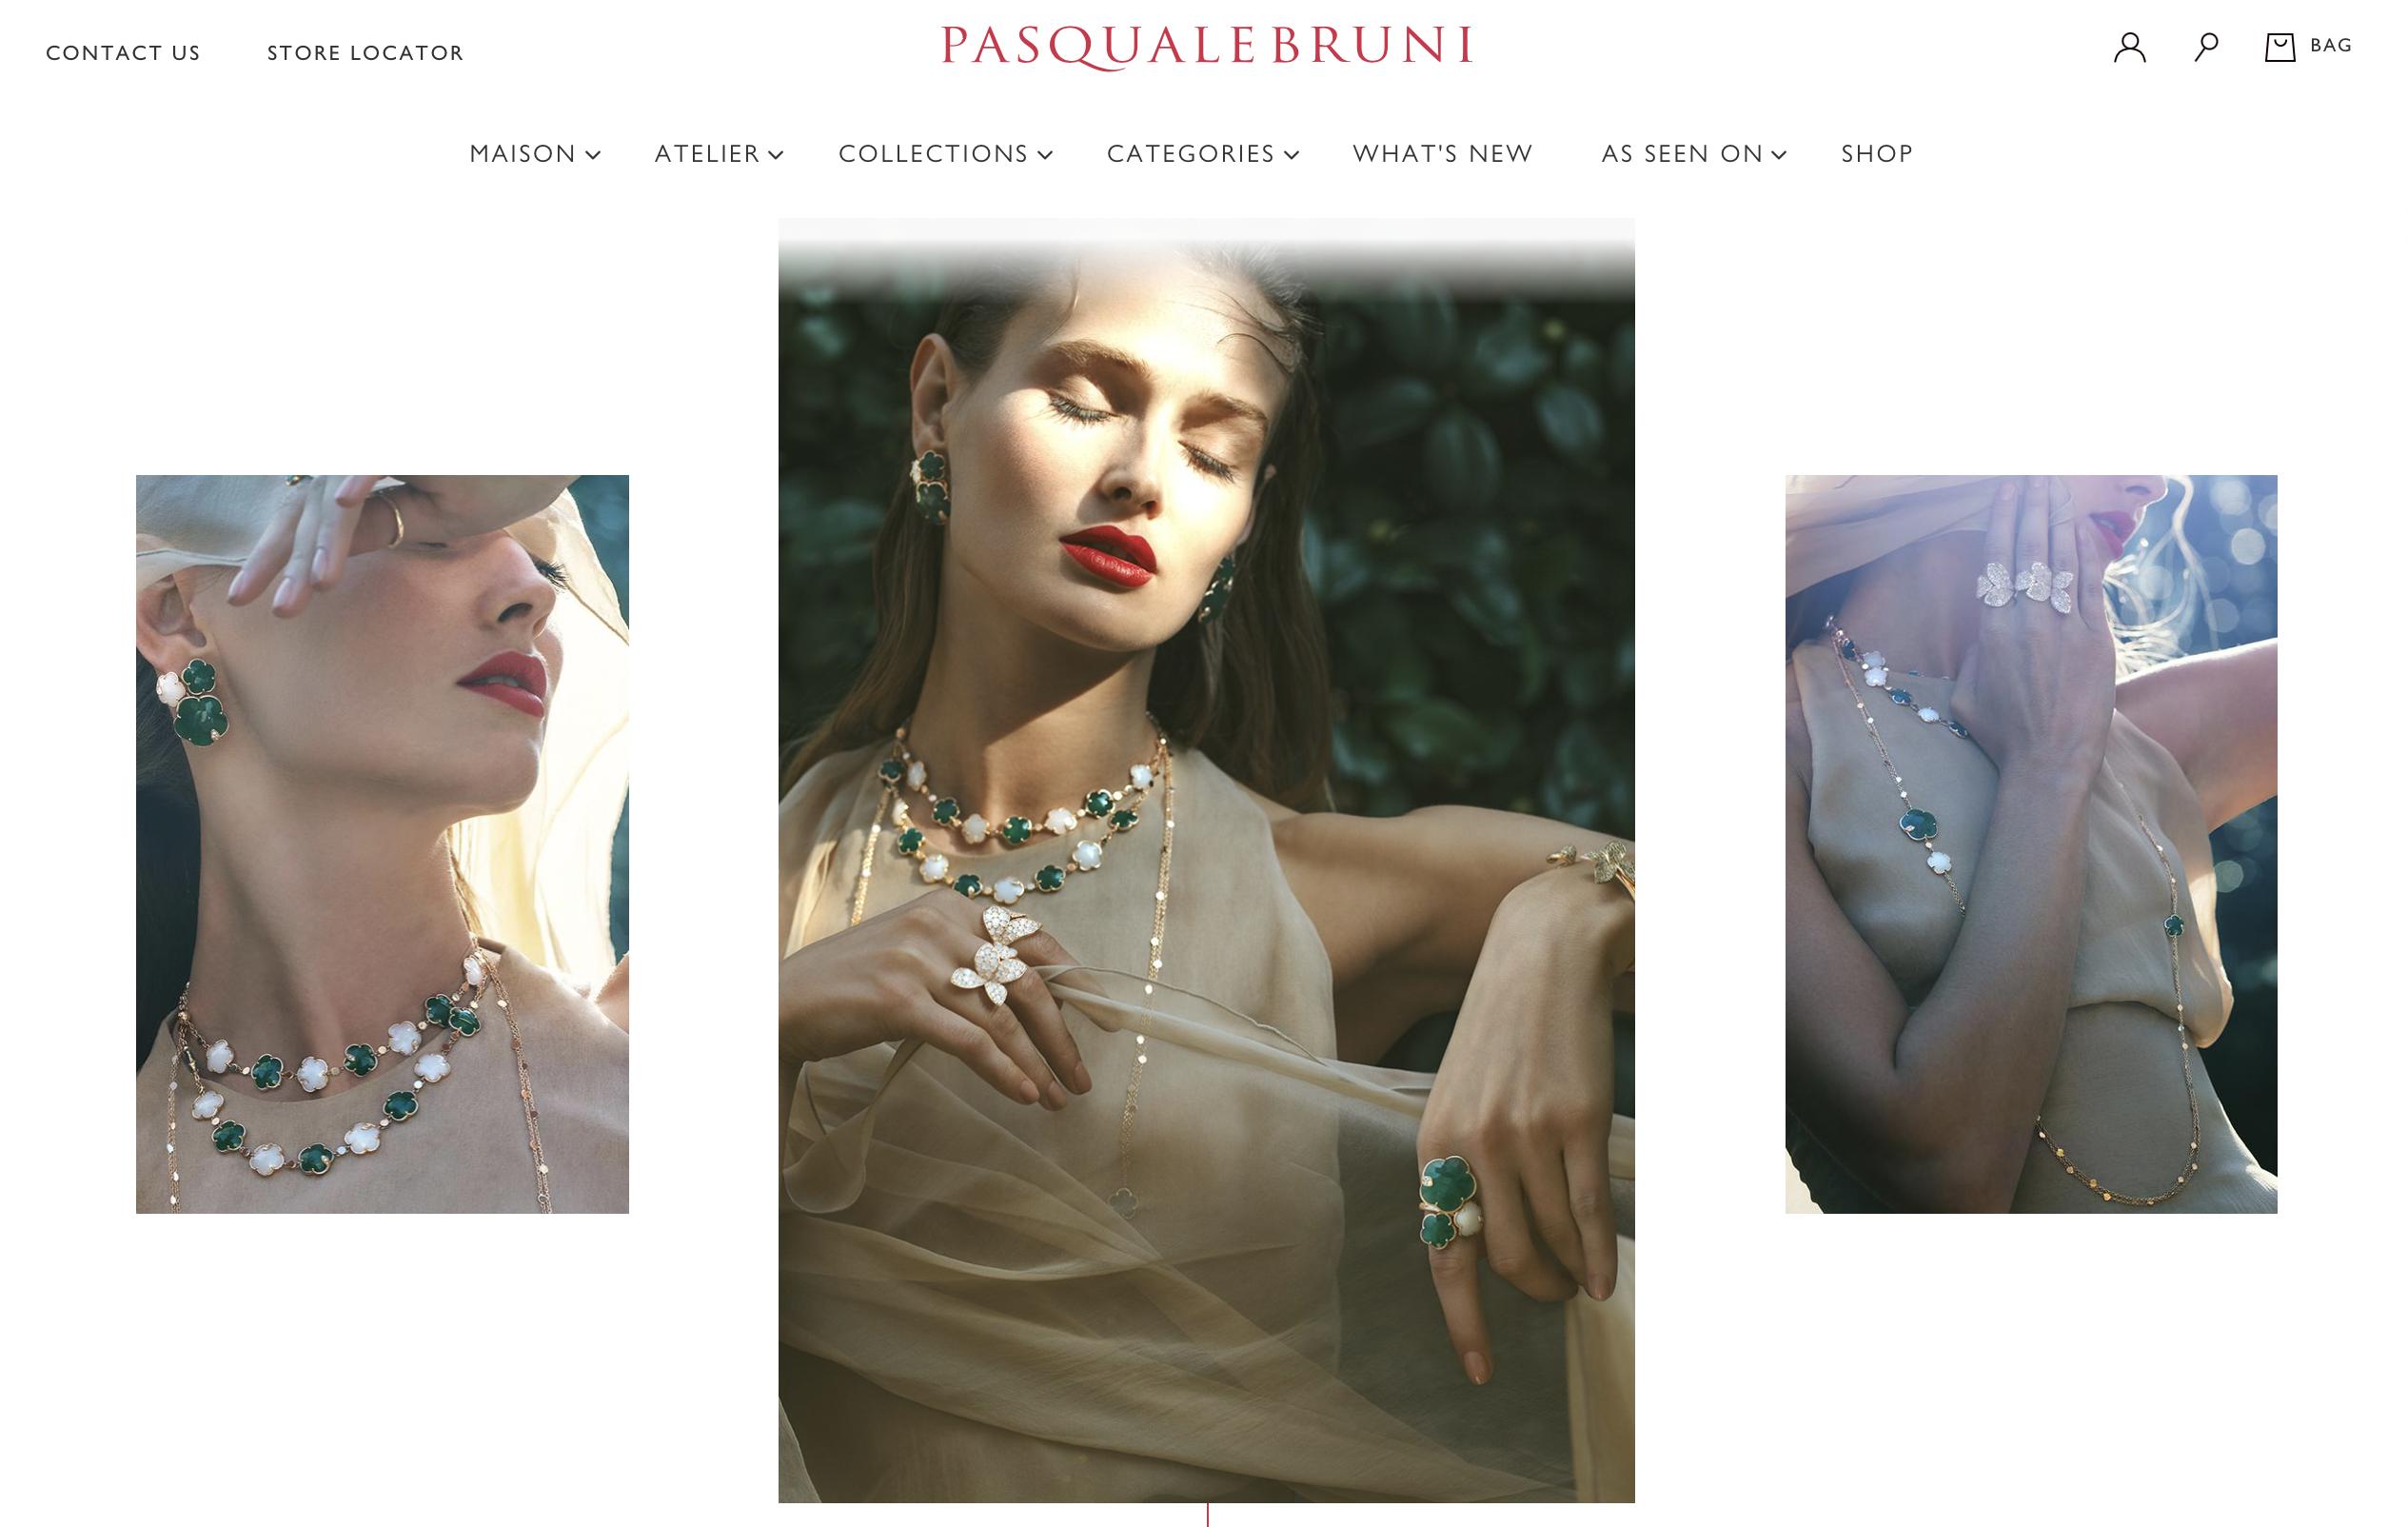 意大利高端珠宝品牌 Pasquale Bruni 增长达三位数,重回疫情前水平